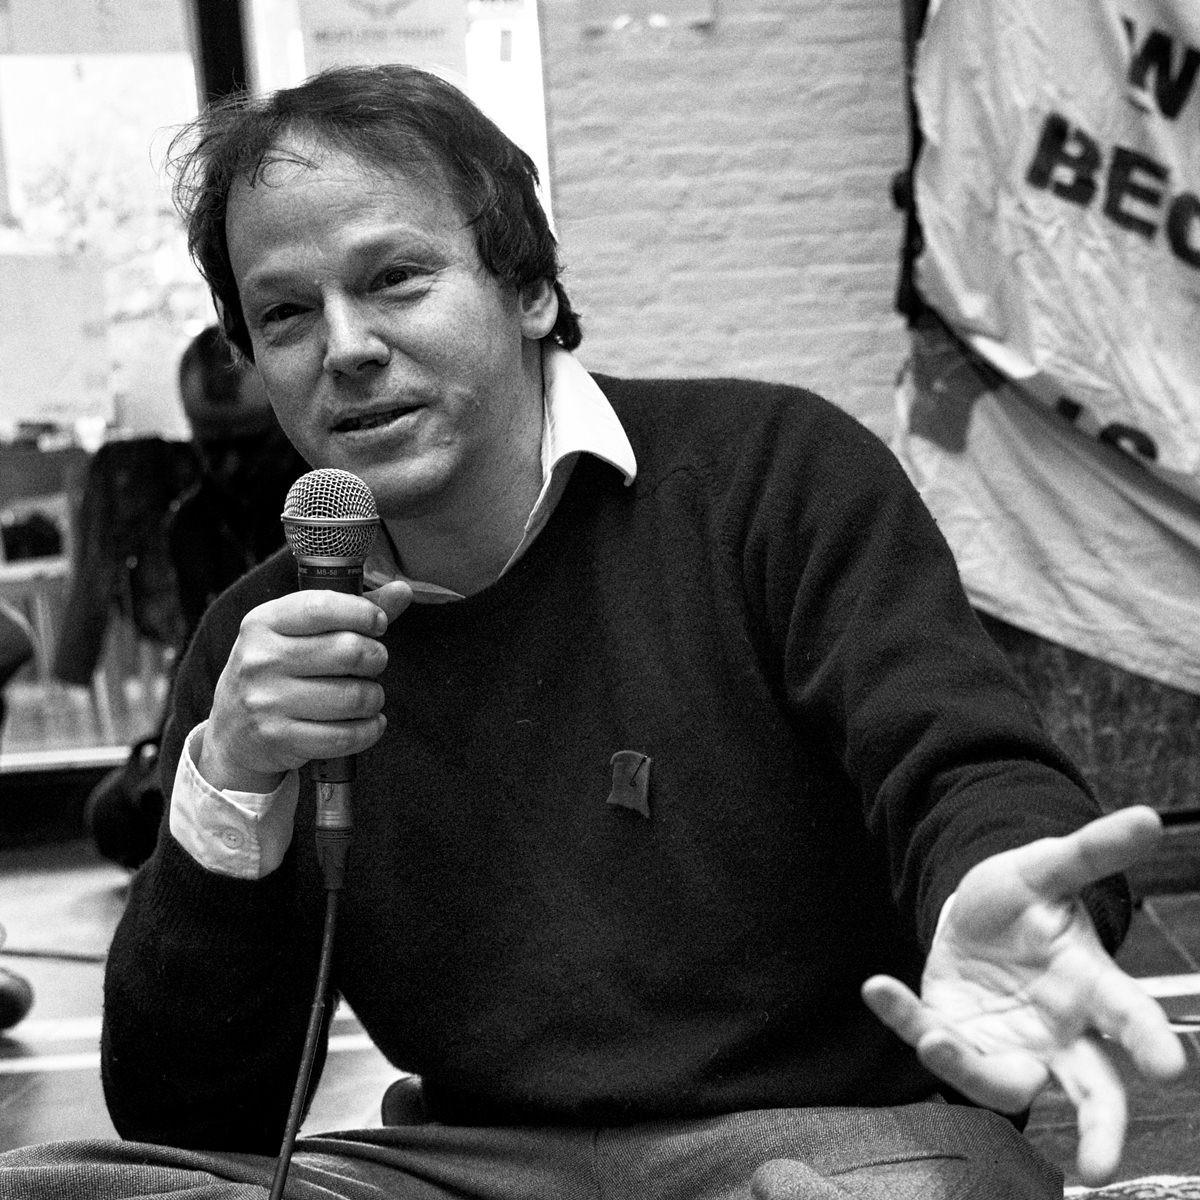 Πέθανε ο αναρχικός, ακτιβιστής και ανθρωπολόγος David Graeber